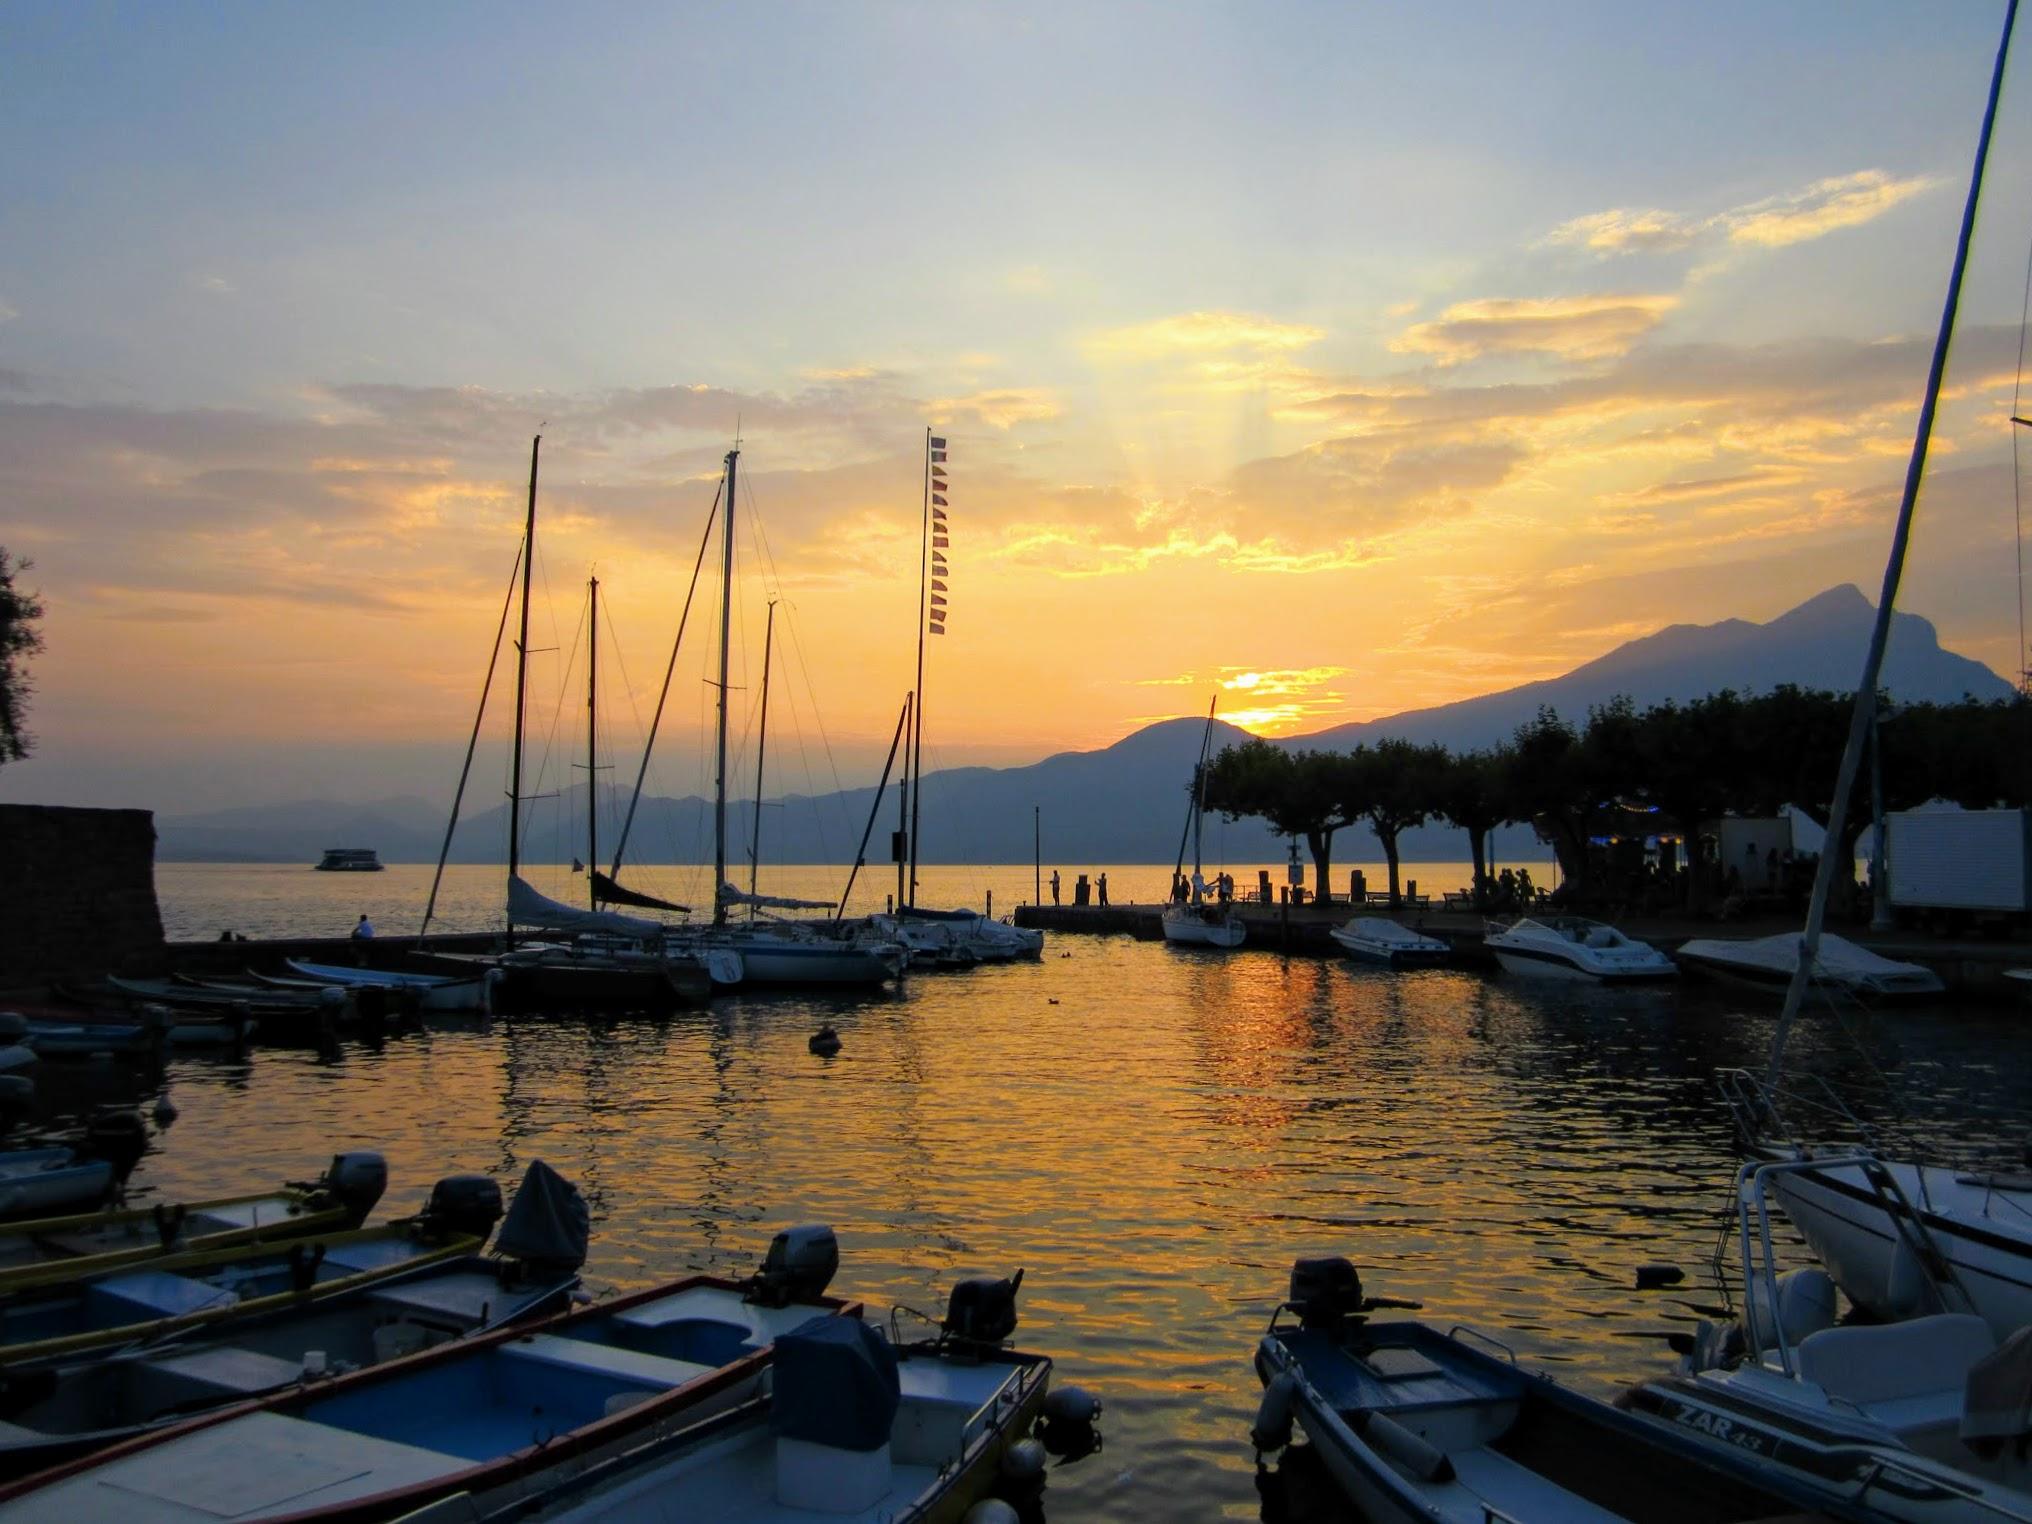 Het haventje van Torri del Benaco